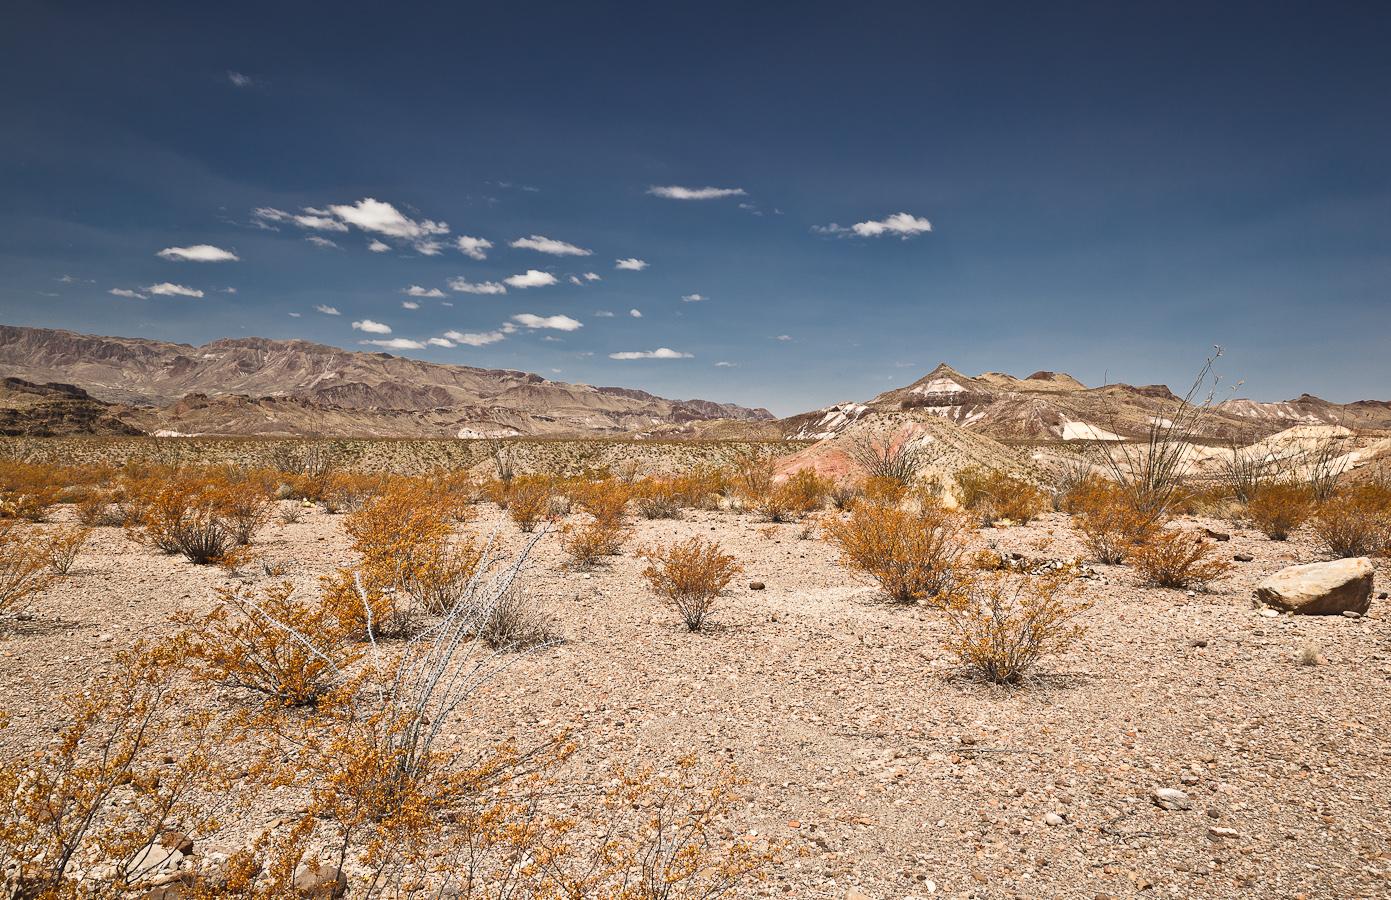 desert_sands_large.jpg